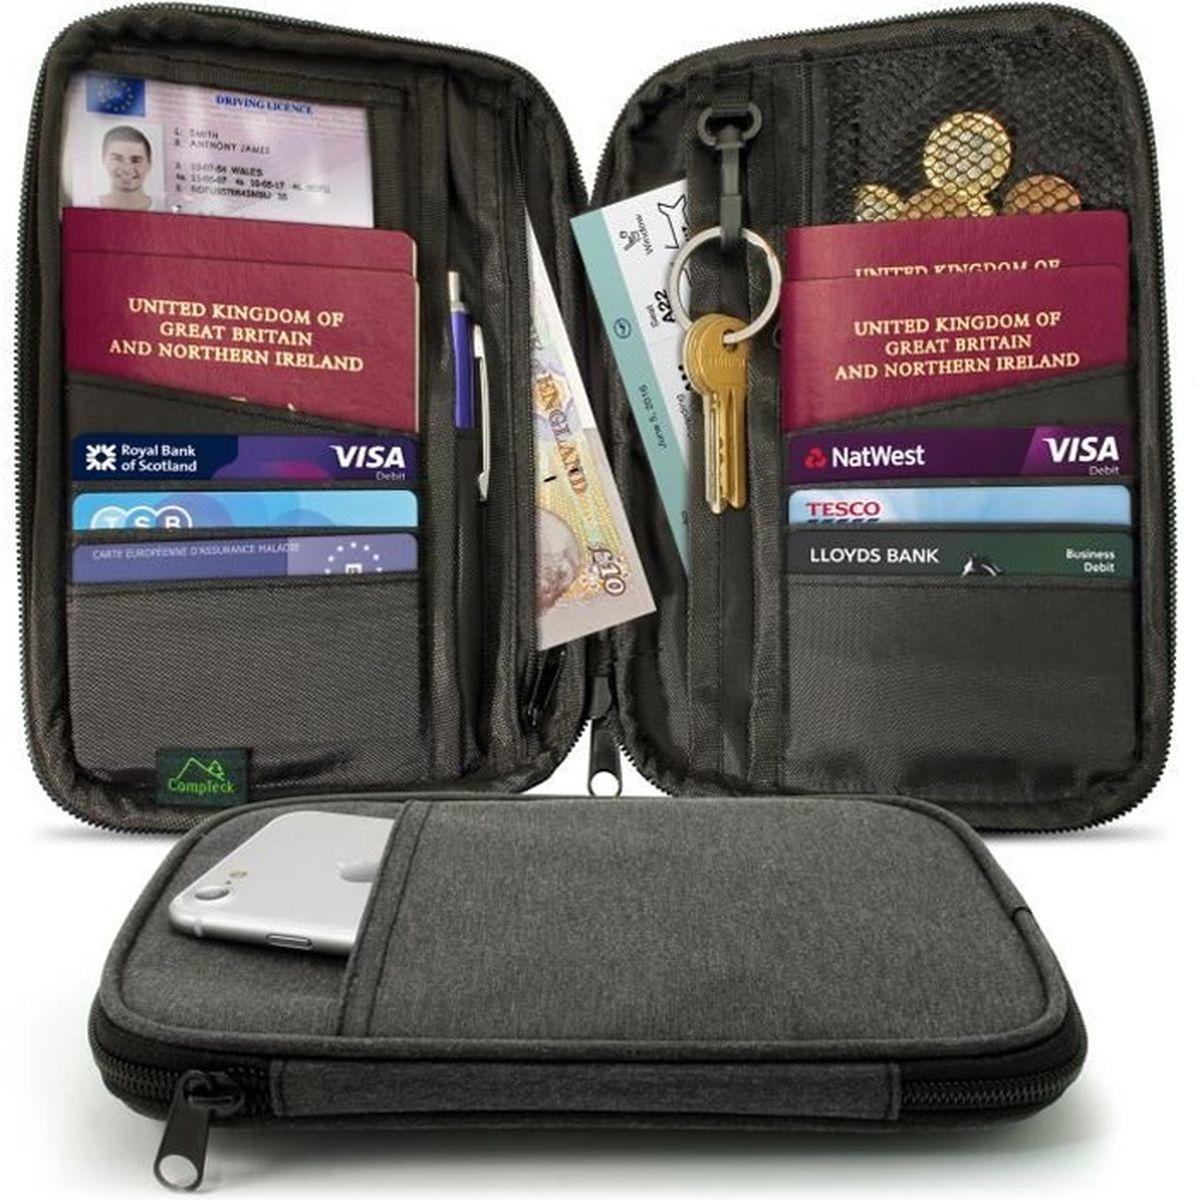 Portefeuille passeport organisateur cuir prot/ège passeport Portefeuille de voyage avec protection RFID /Étui pour passeport Organisateur documents Famille Porte-cartes Porte Documents voyage Accessoire